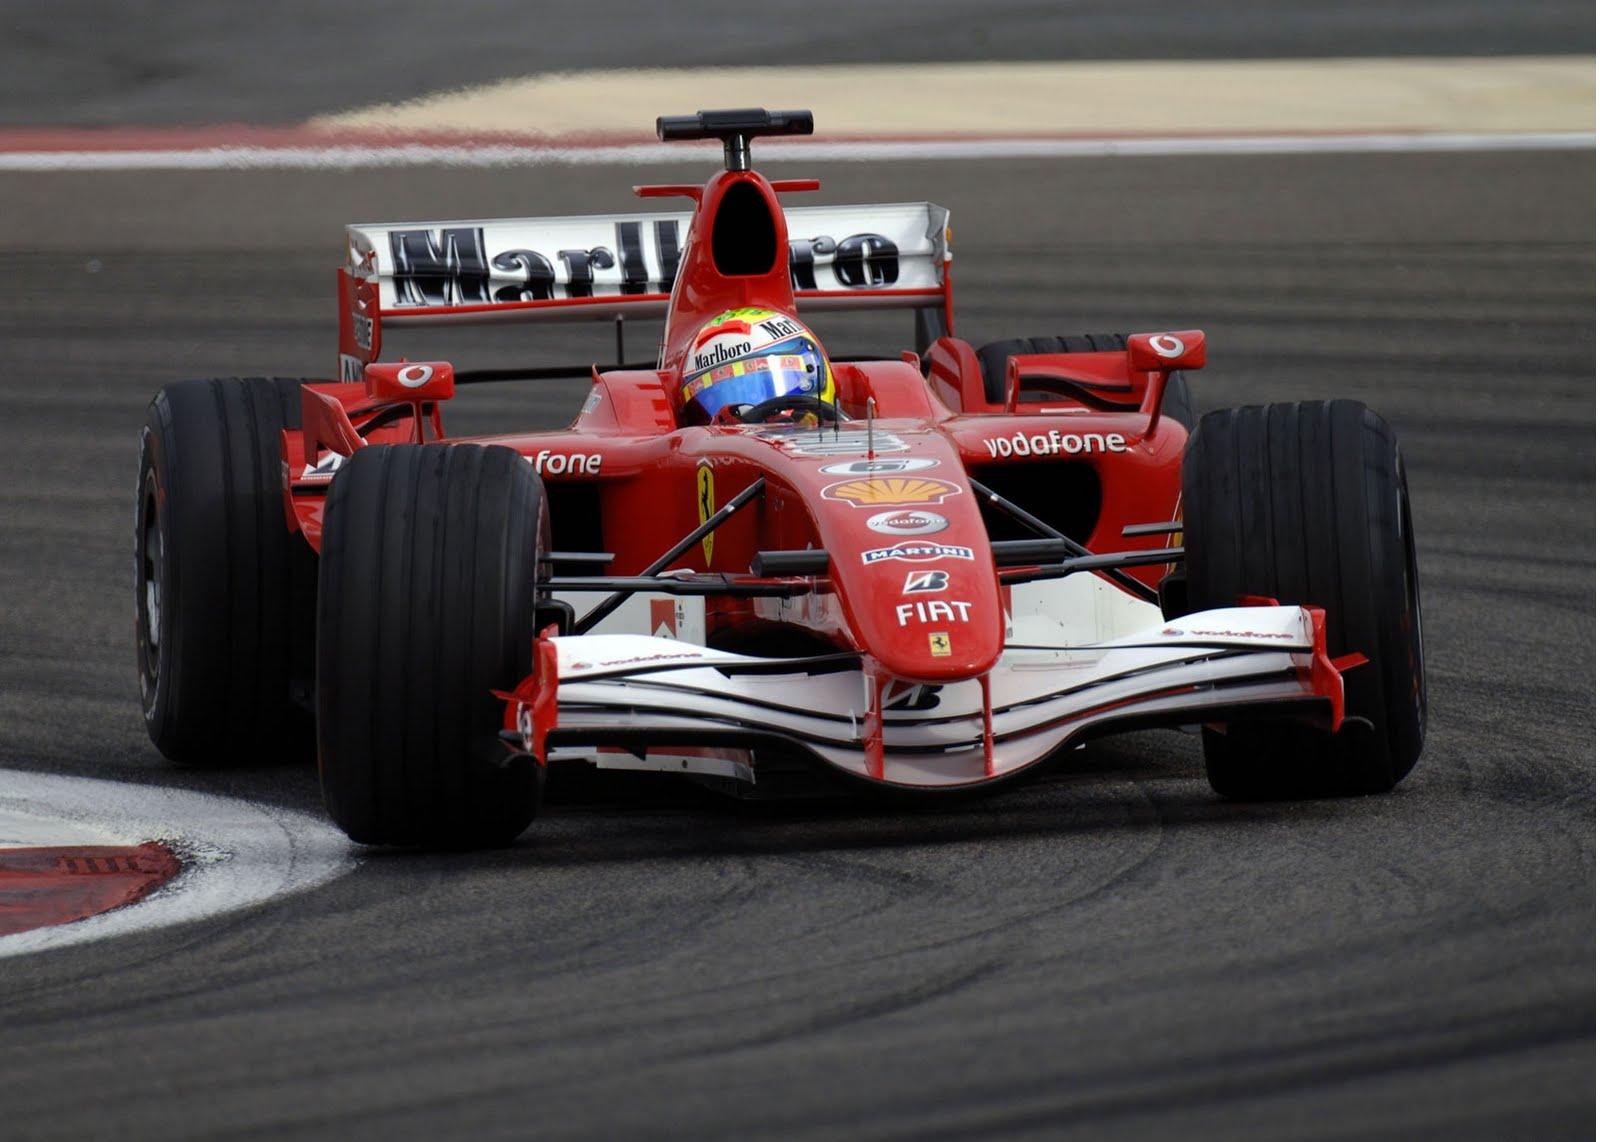 http://2.bp.blogspot.com/-egXHKgqBeWI/TcaVjt8IDXI/AAAAAAAAAOw/EwEP8NGmc2E/s1600/Ferrari_F1_197_1600.jpg